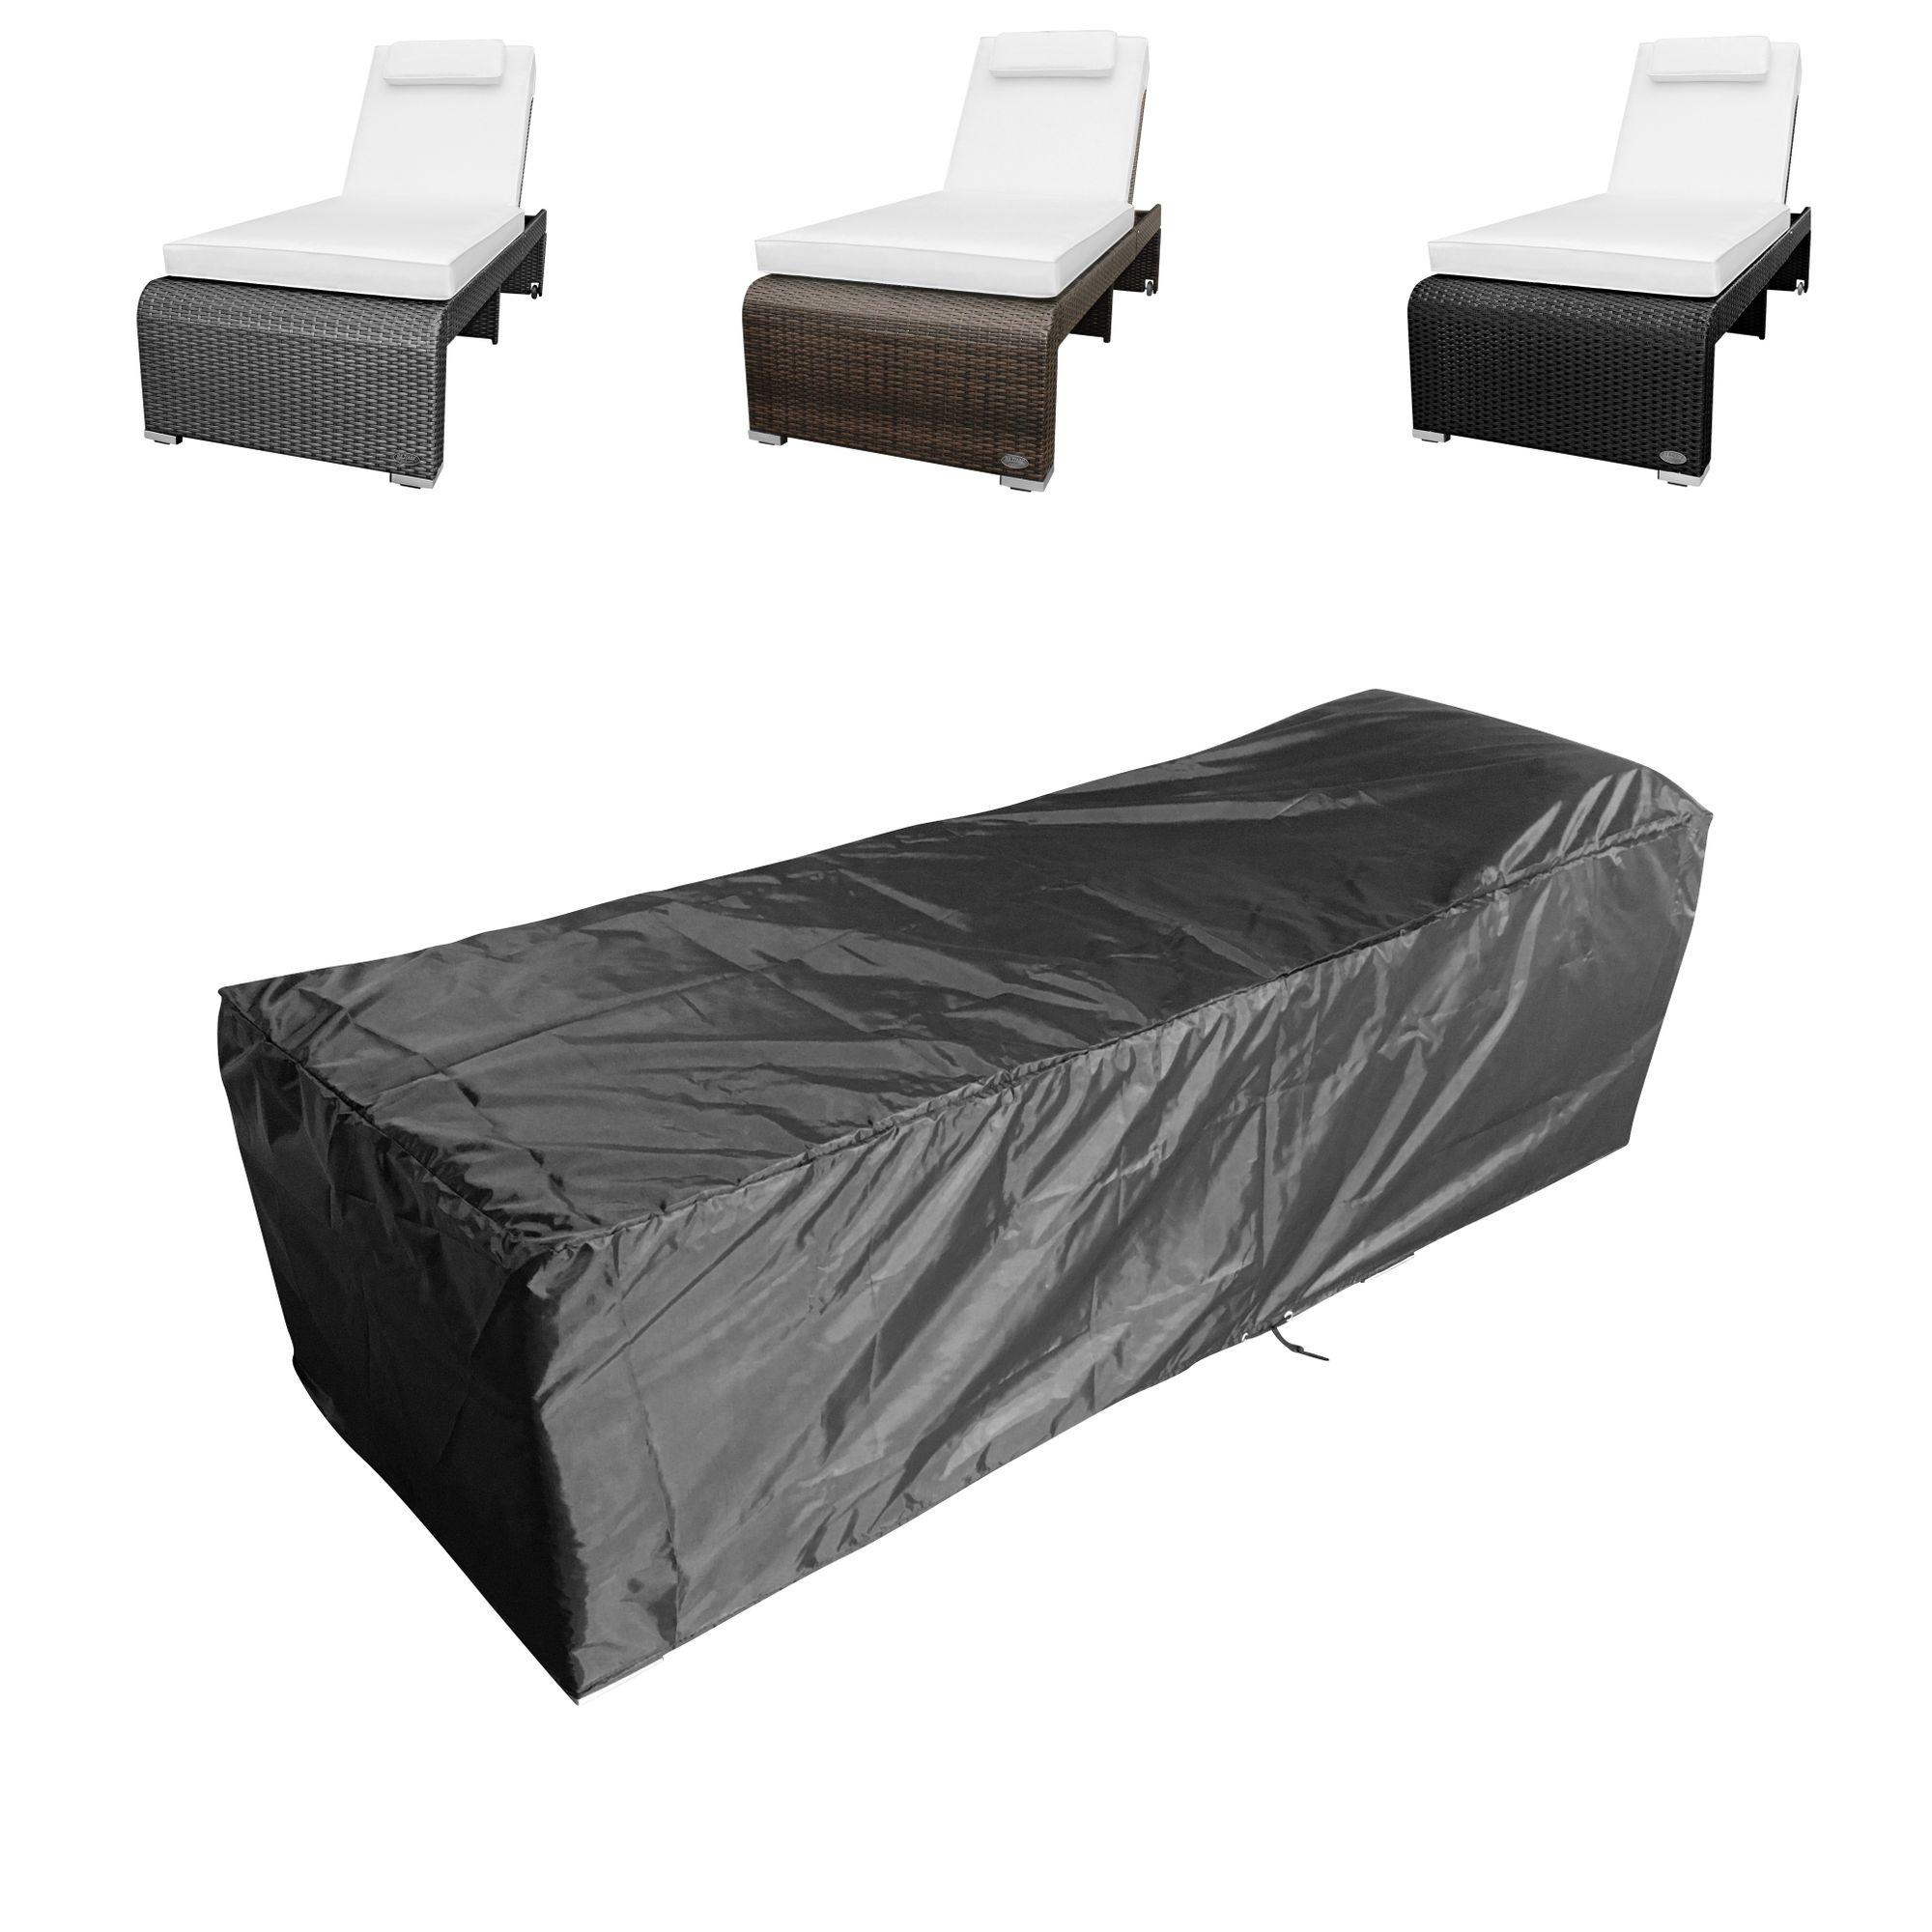 schutzh lle abdeckung gartenliege sonnenliege liegestuhl. Black Bedroom Furniture Sets. Home Design Ideas